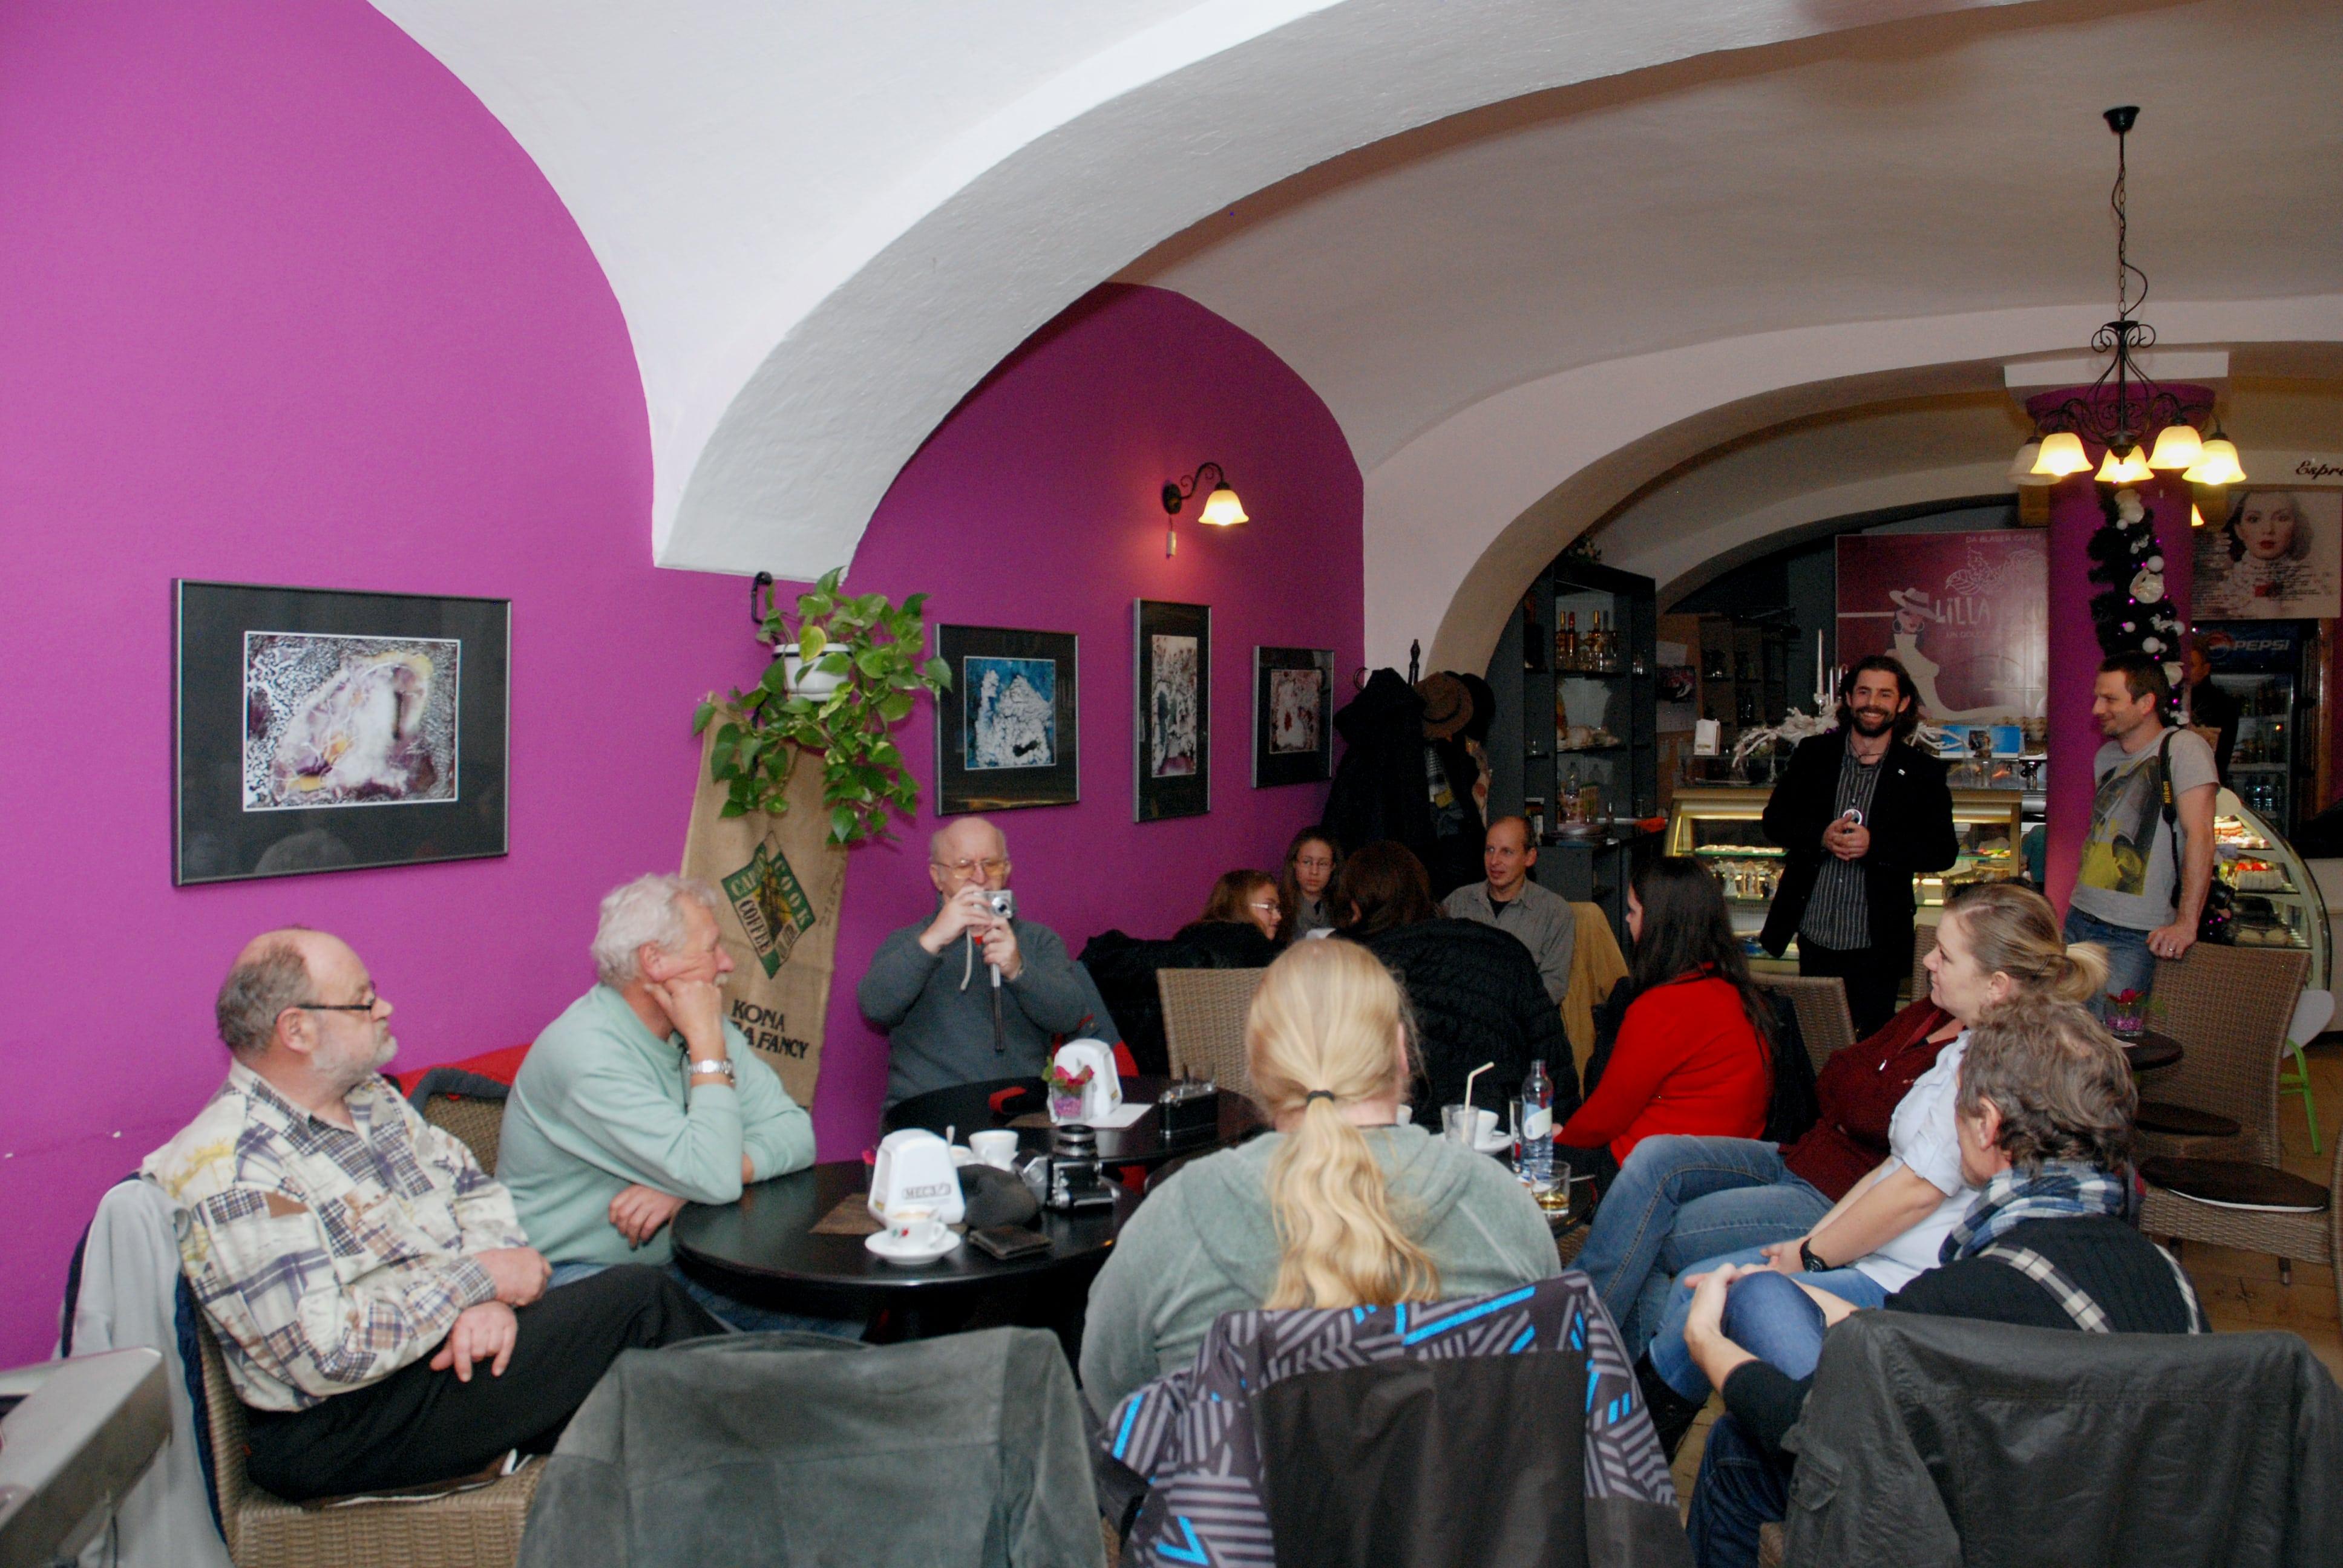 klubové stretko a otvorenie výstavy Kolorgie